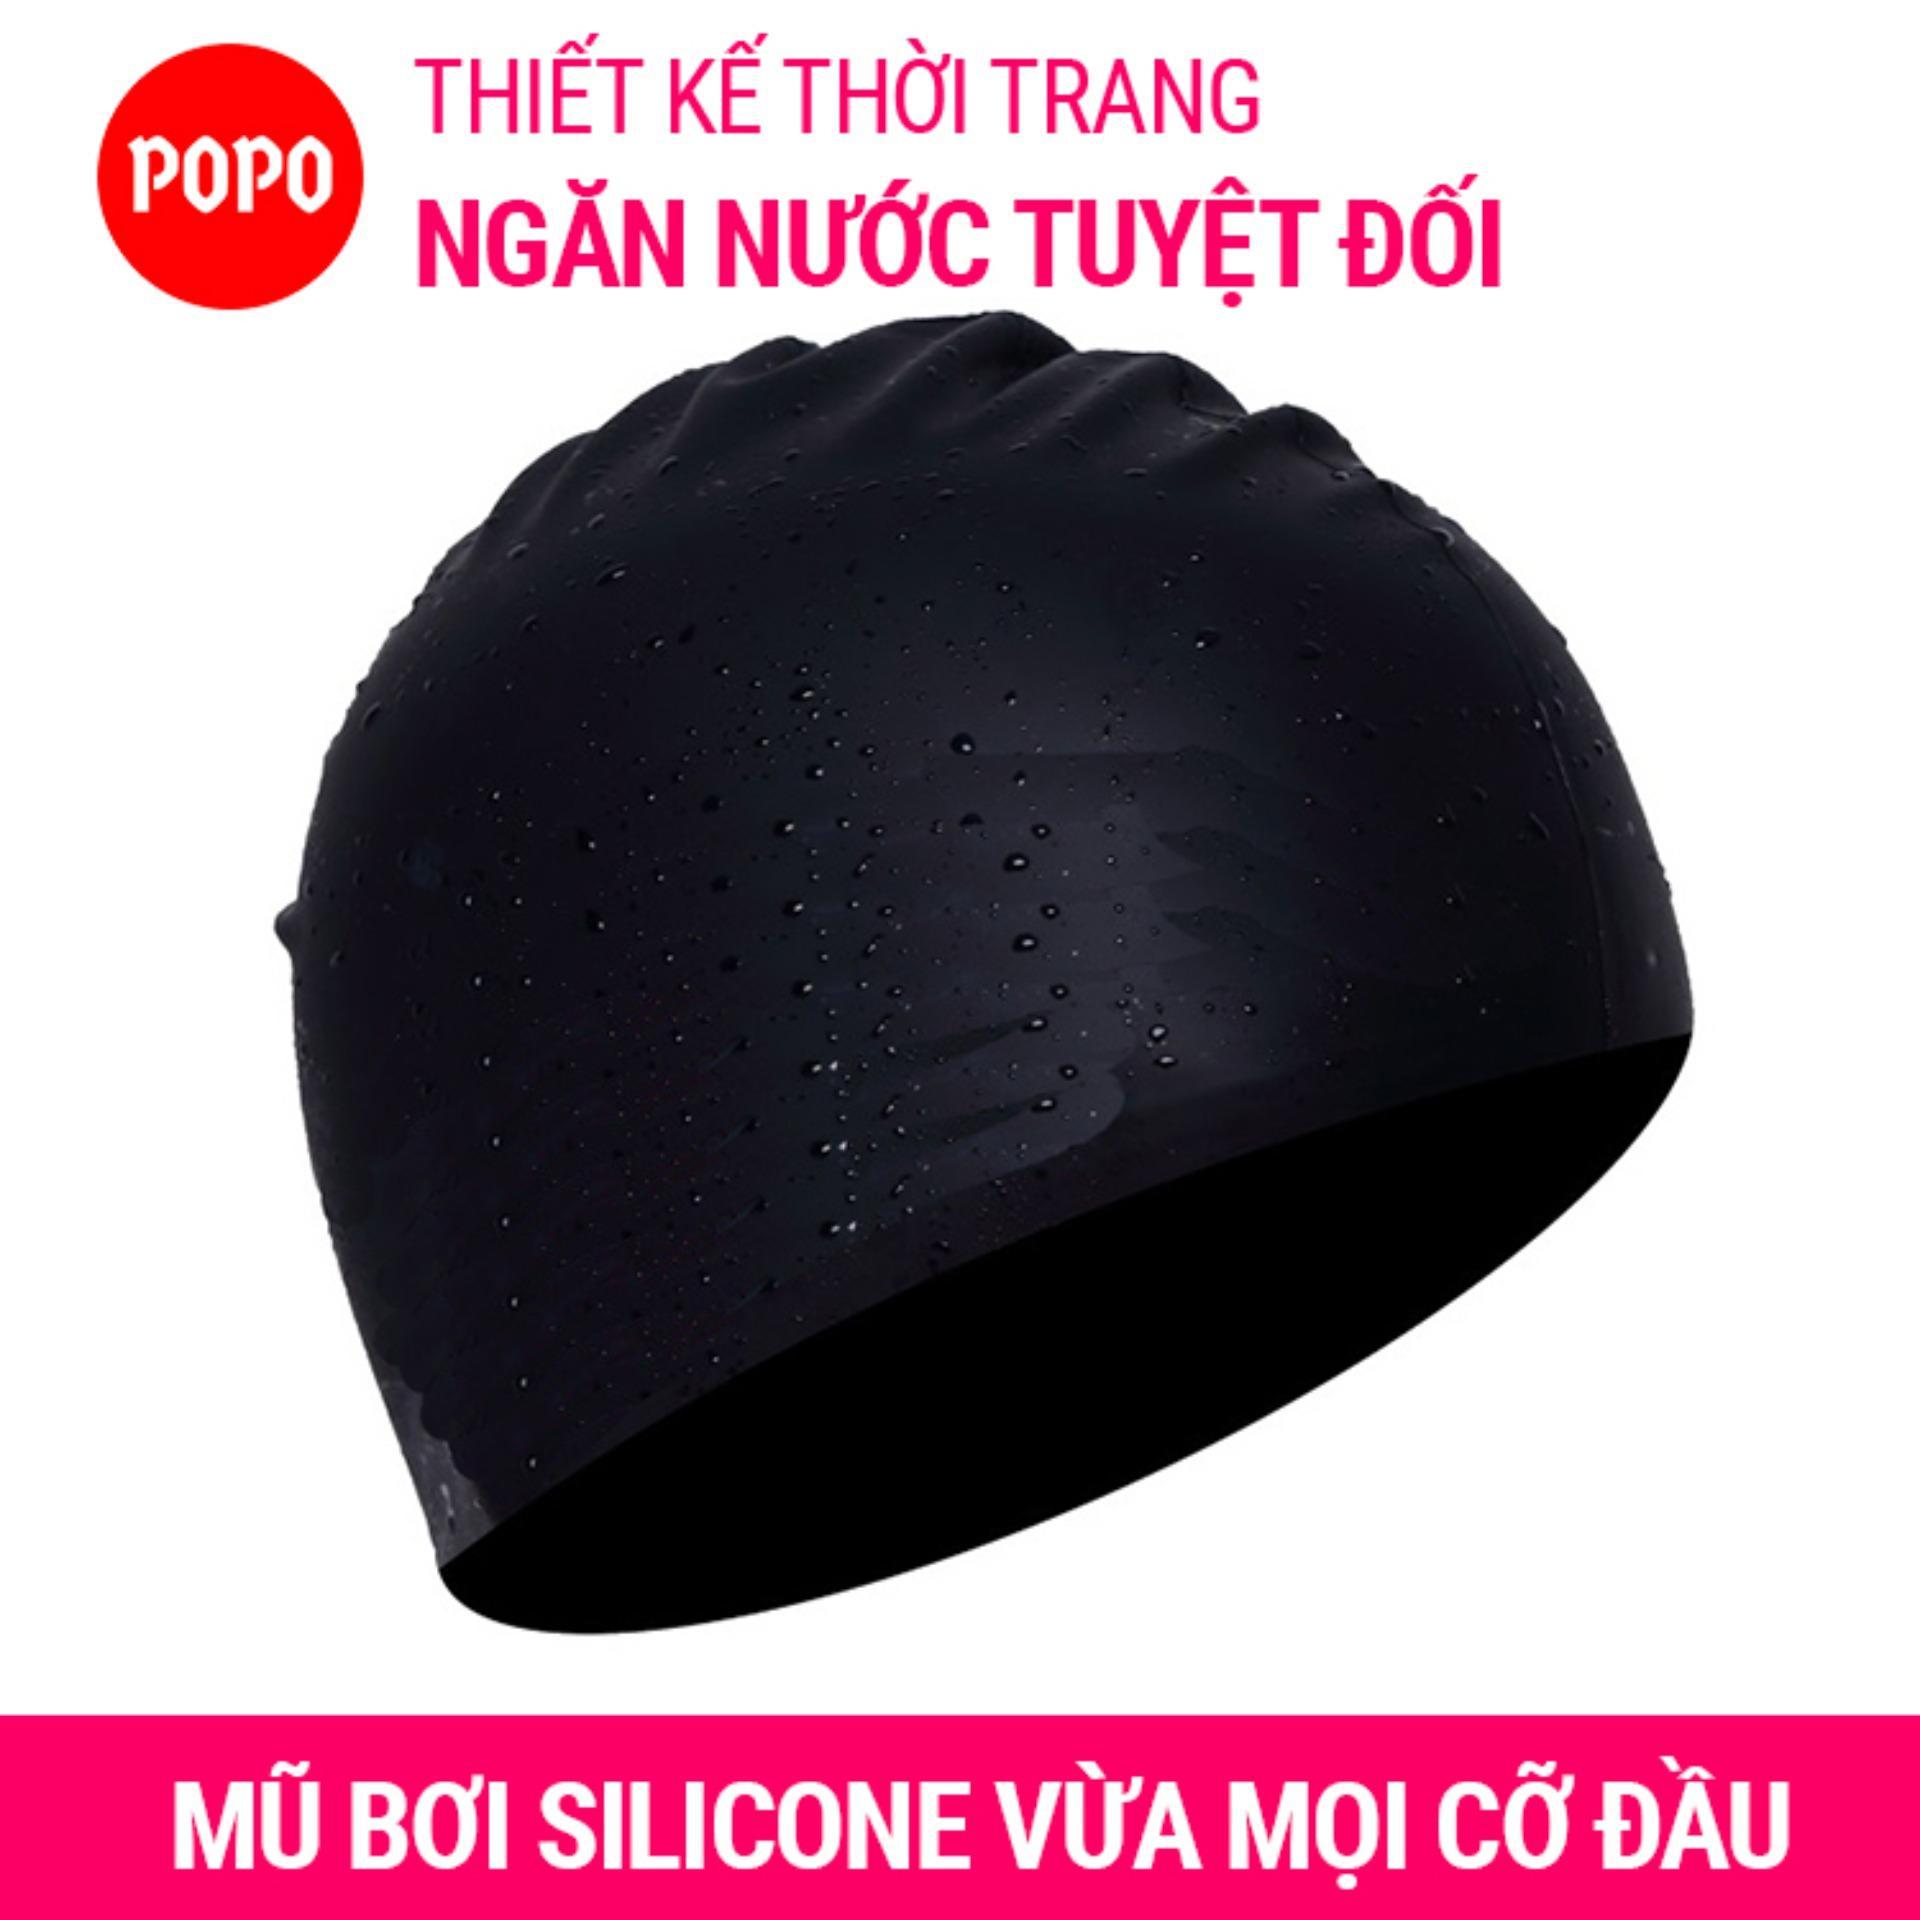 Nón bơi mũ bơi trơn silicone chống thống nước cao cấp CA31 POPO Collection 20